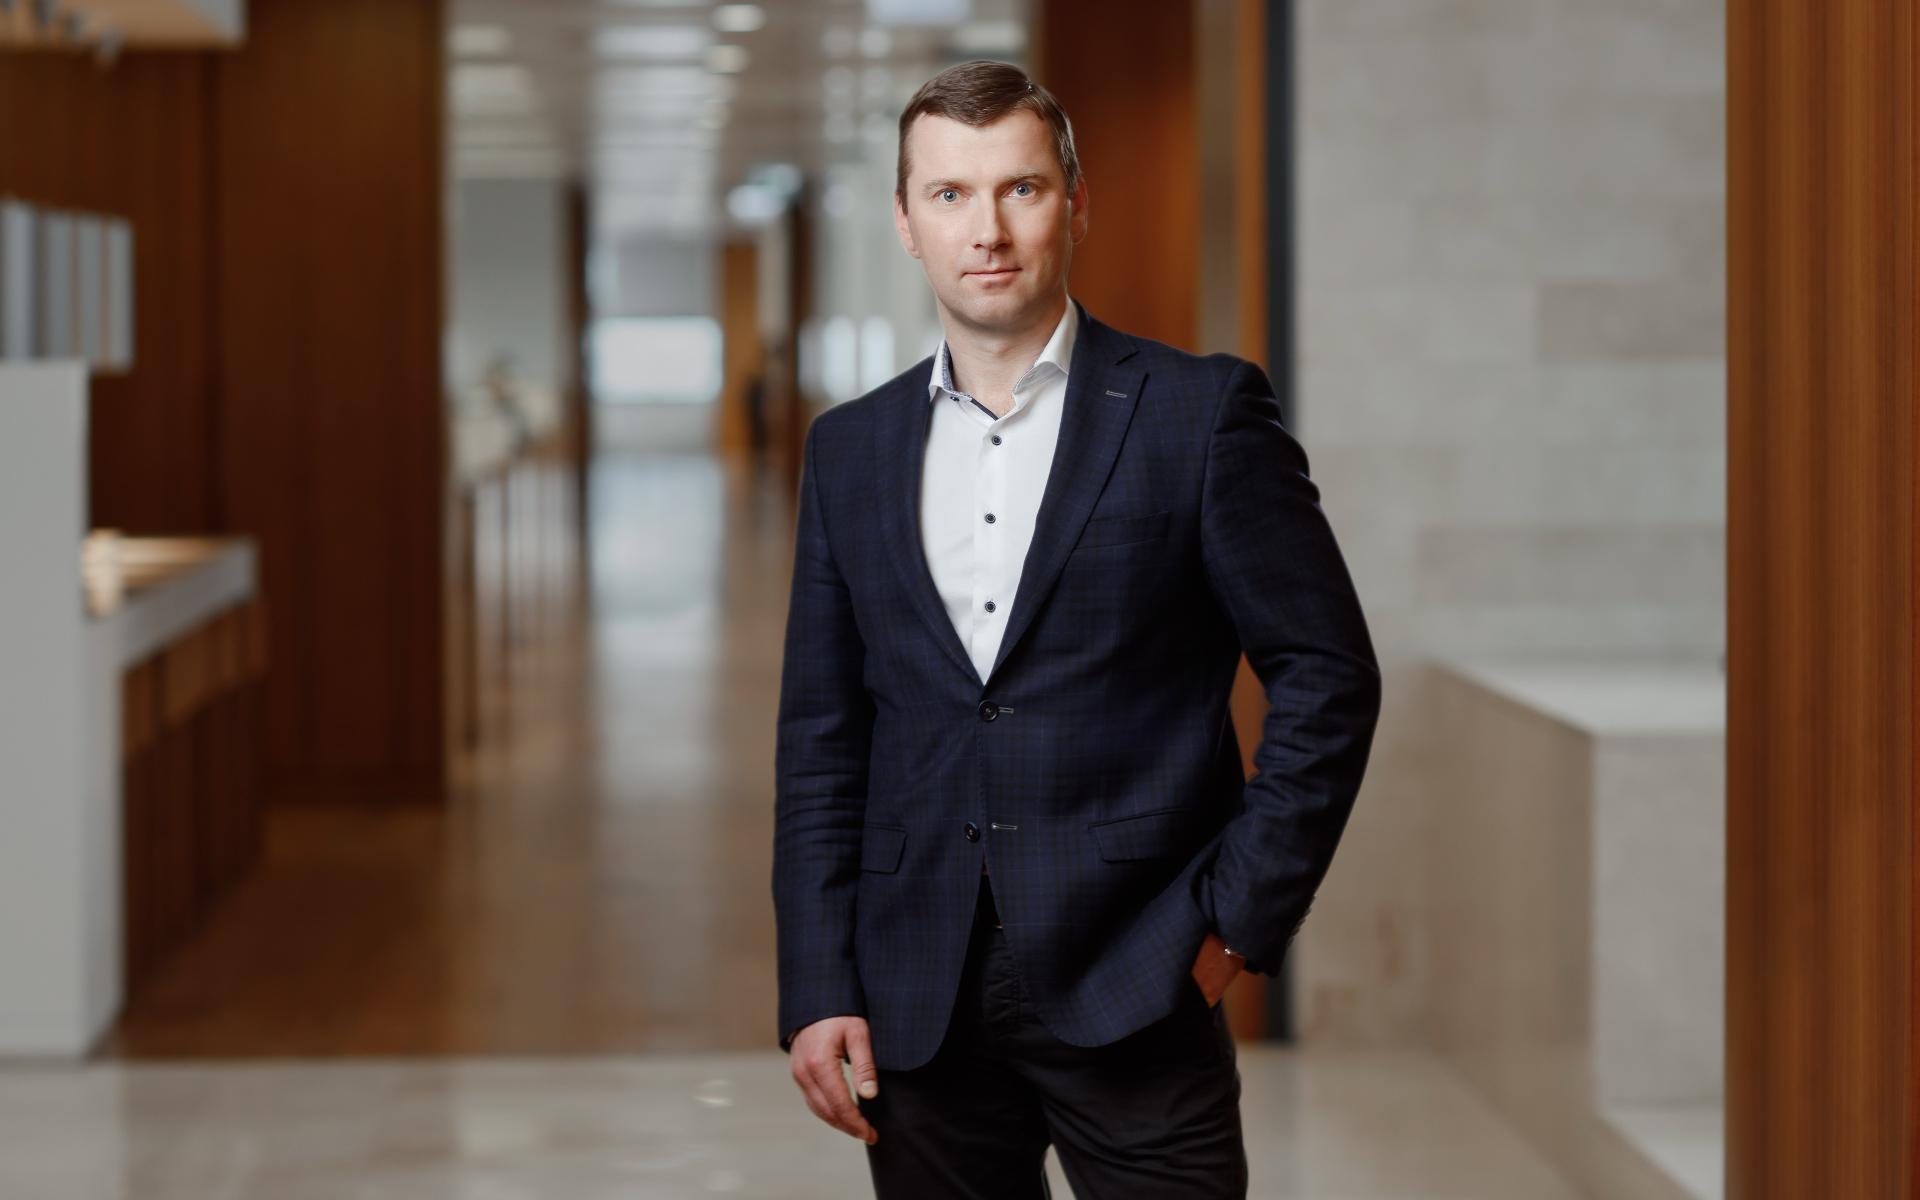 Павел Барбашев, коммерческий директор O1 Properties